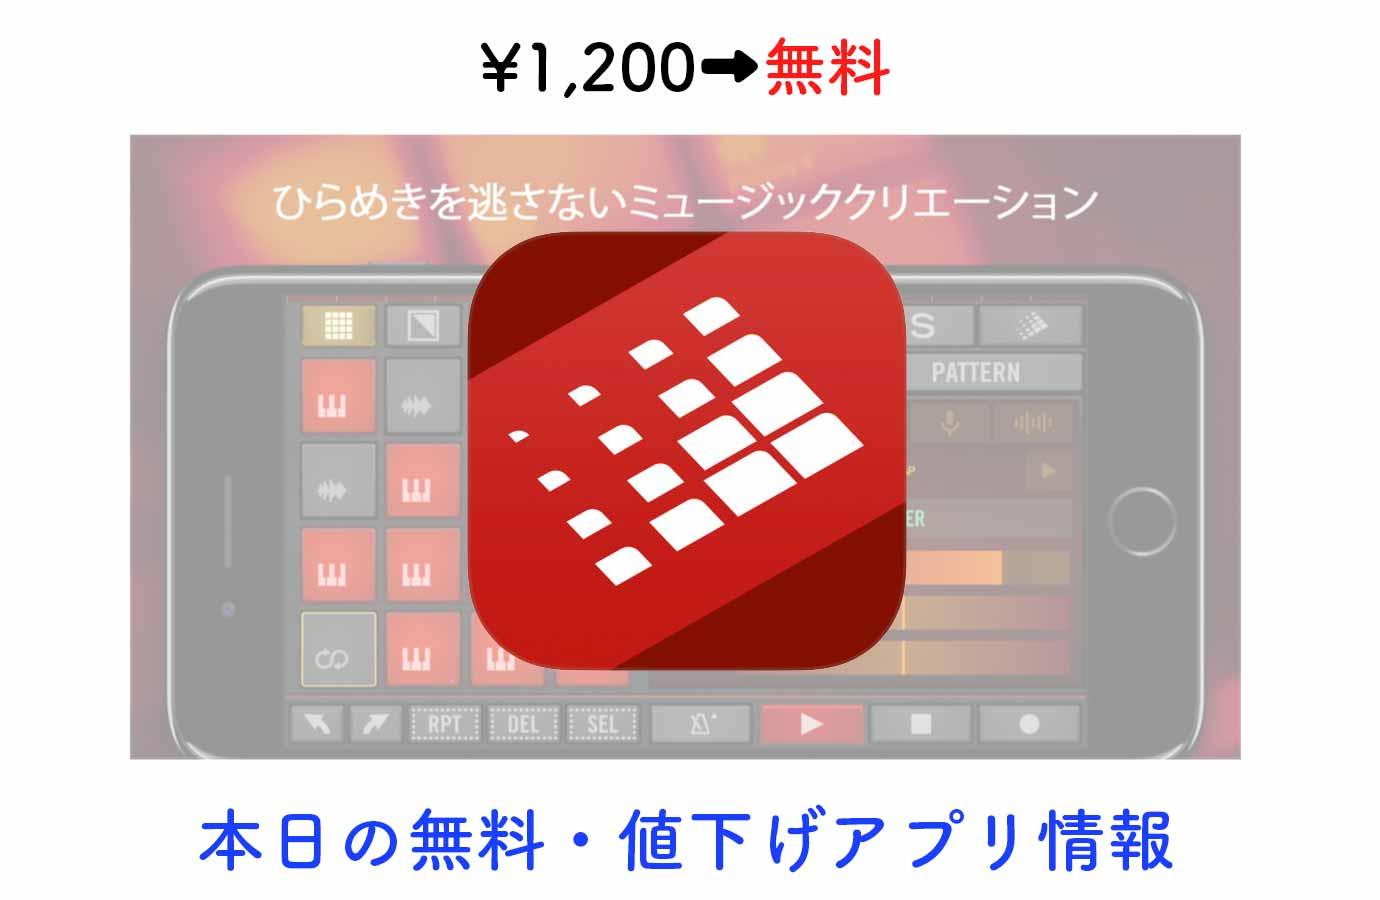 ¥1,200→無料、多くの機能が搭載されている音楽制作アプリ「BeatHawk」など【9/5】本日の無料・値下げアプリ情報